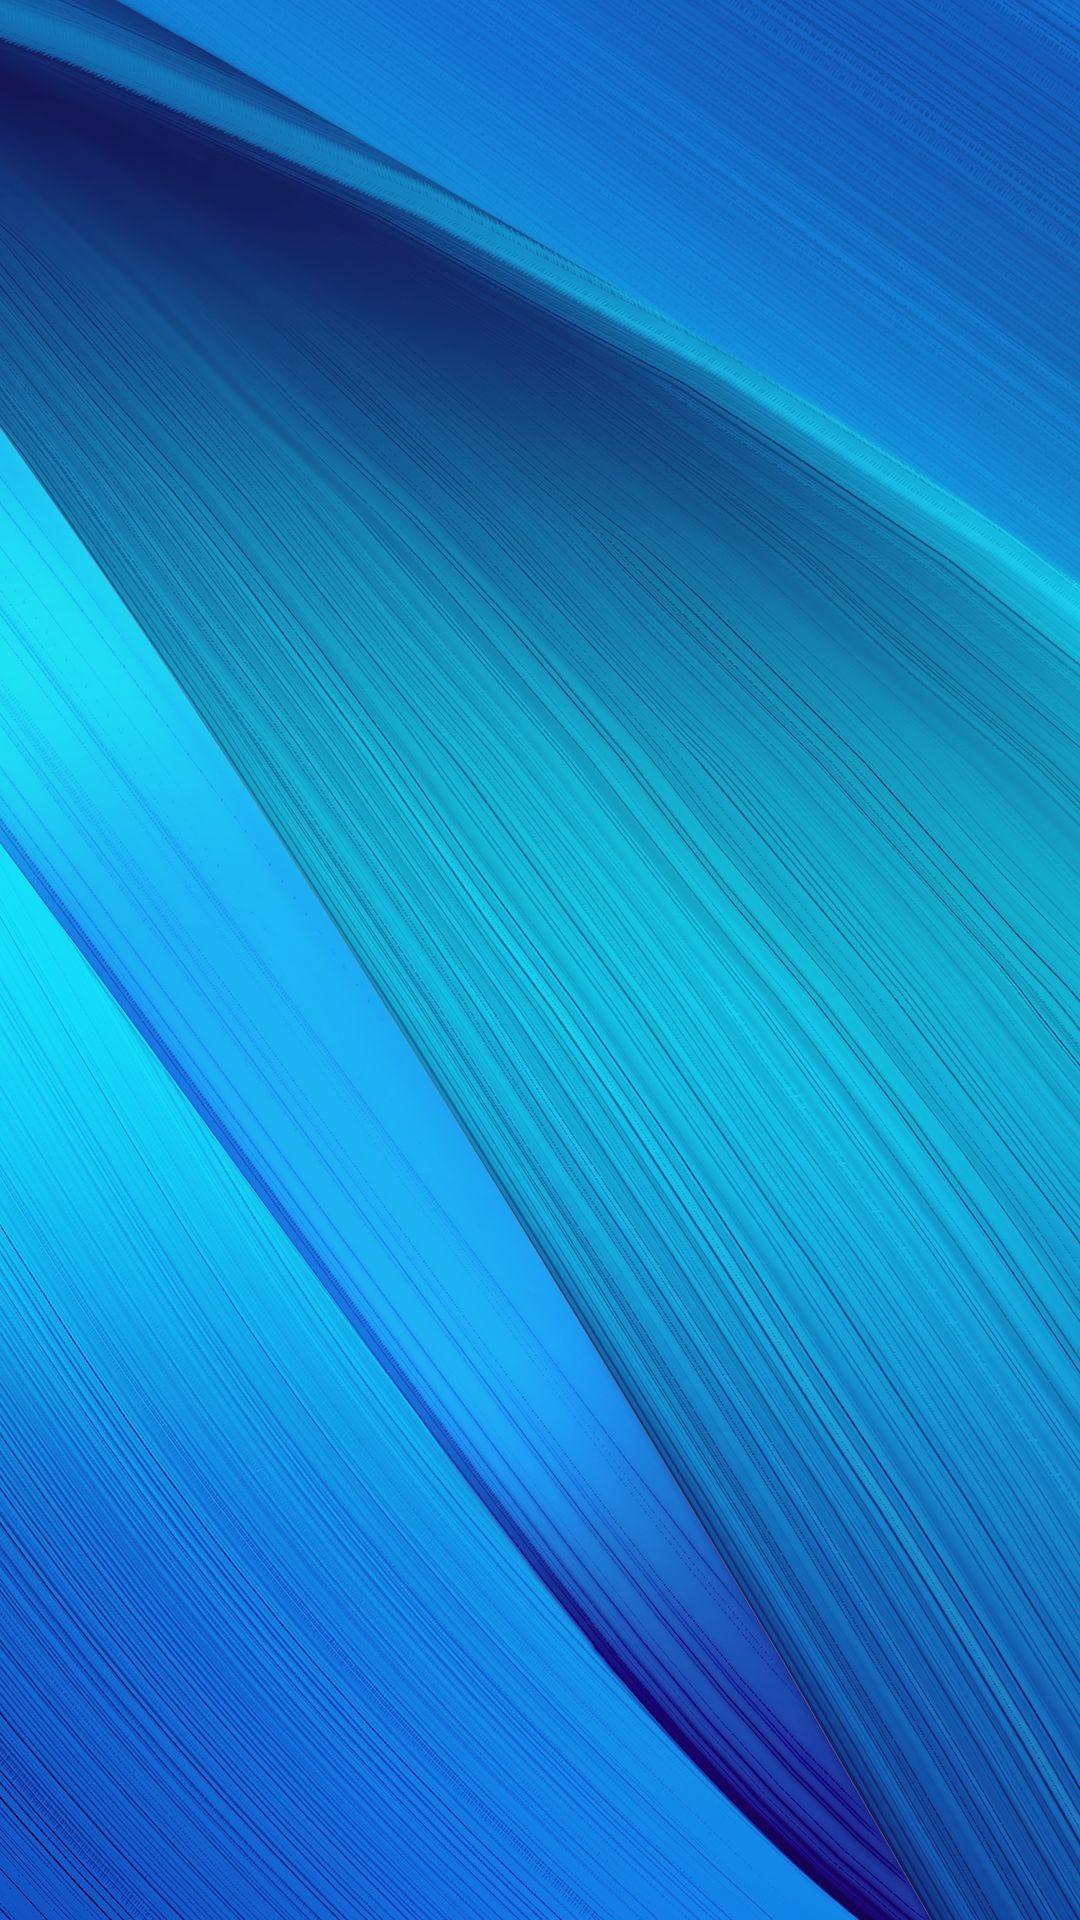 Asus Zenfone 2 stock wallpaper 3